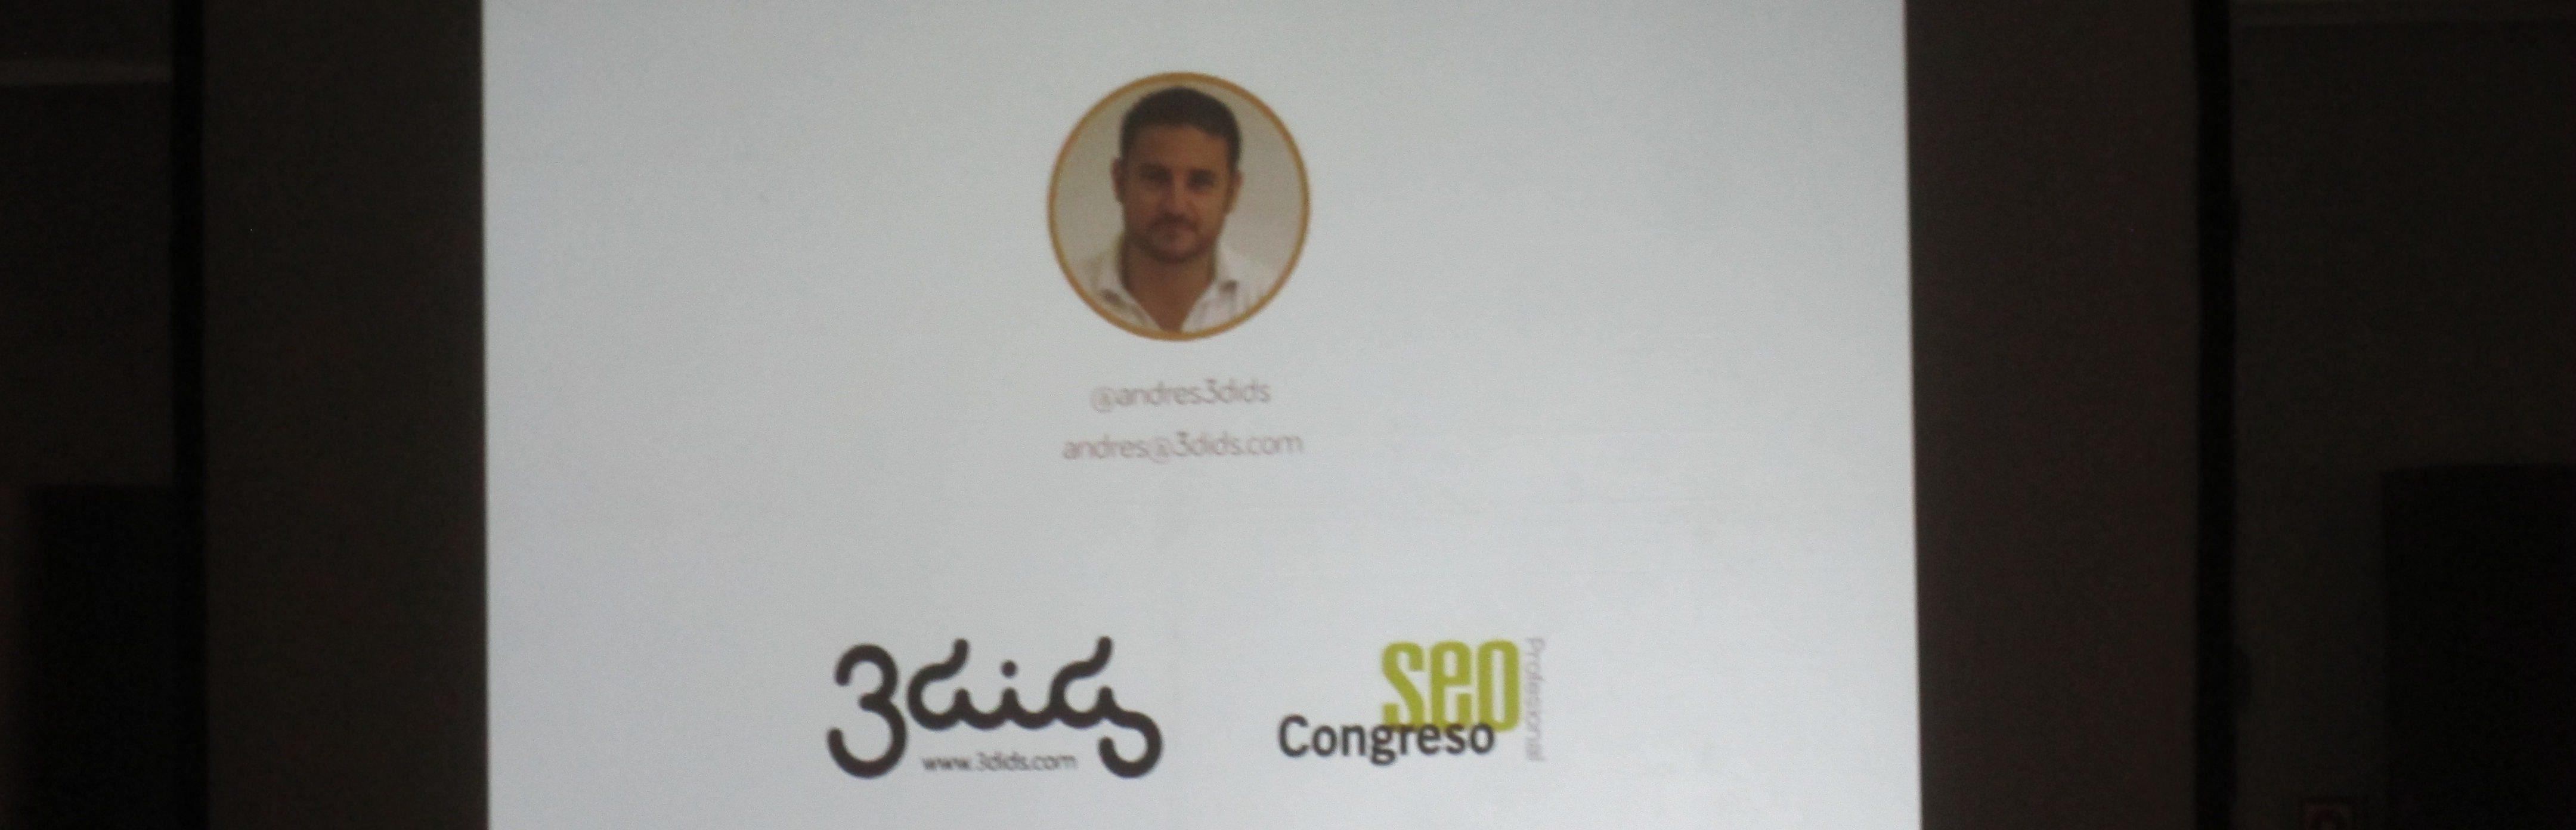 Andres España